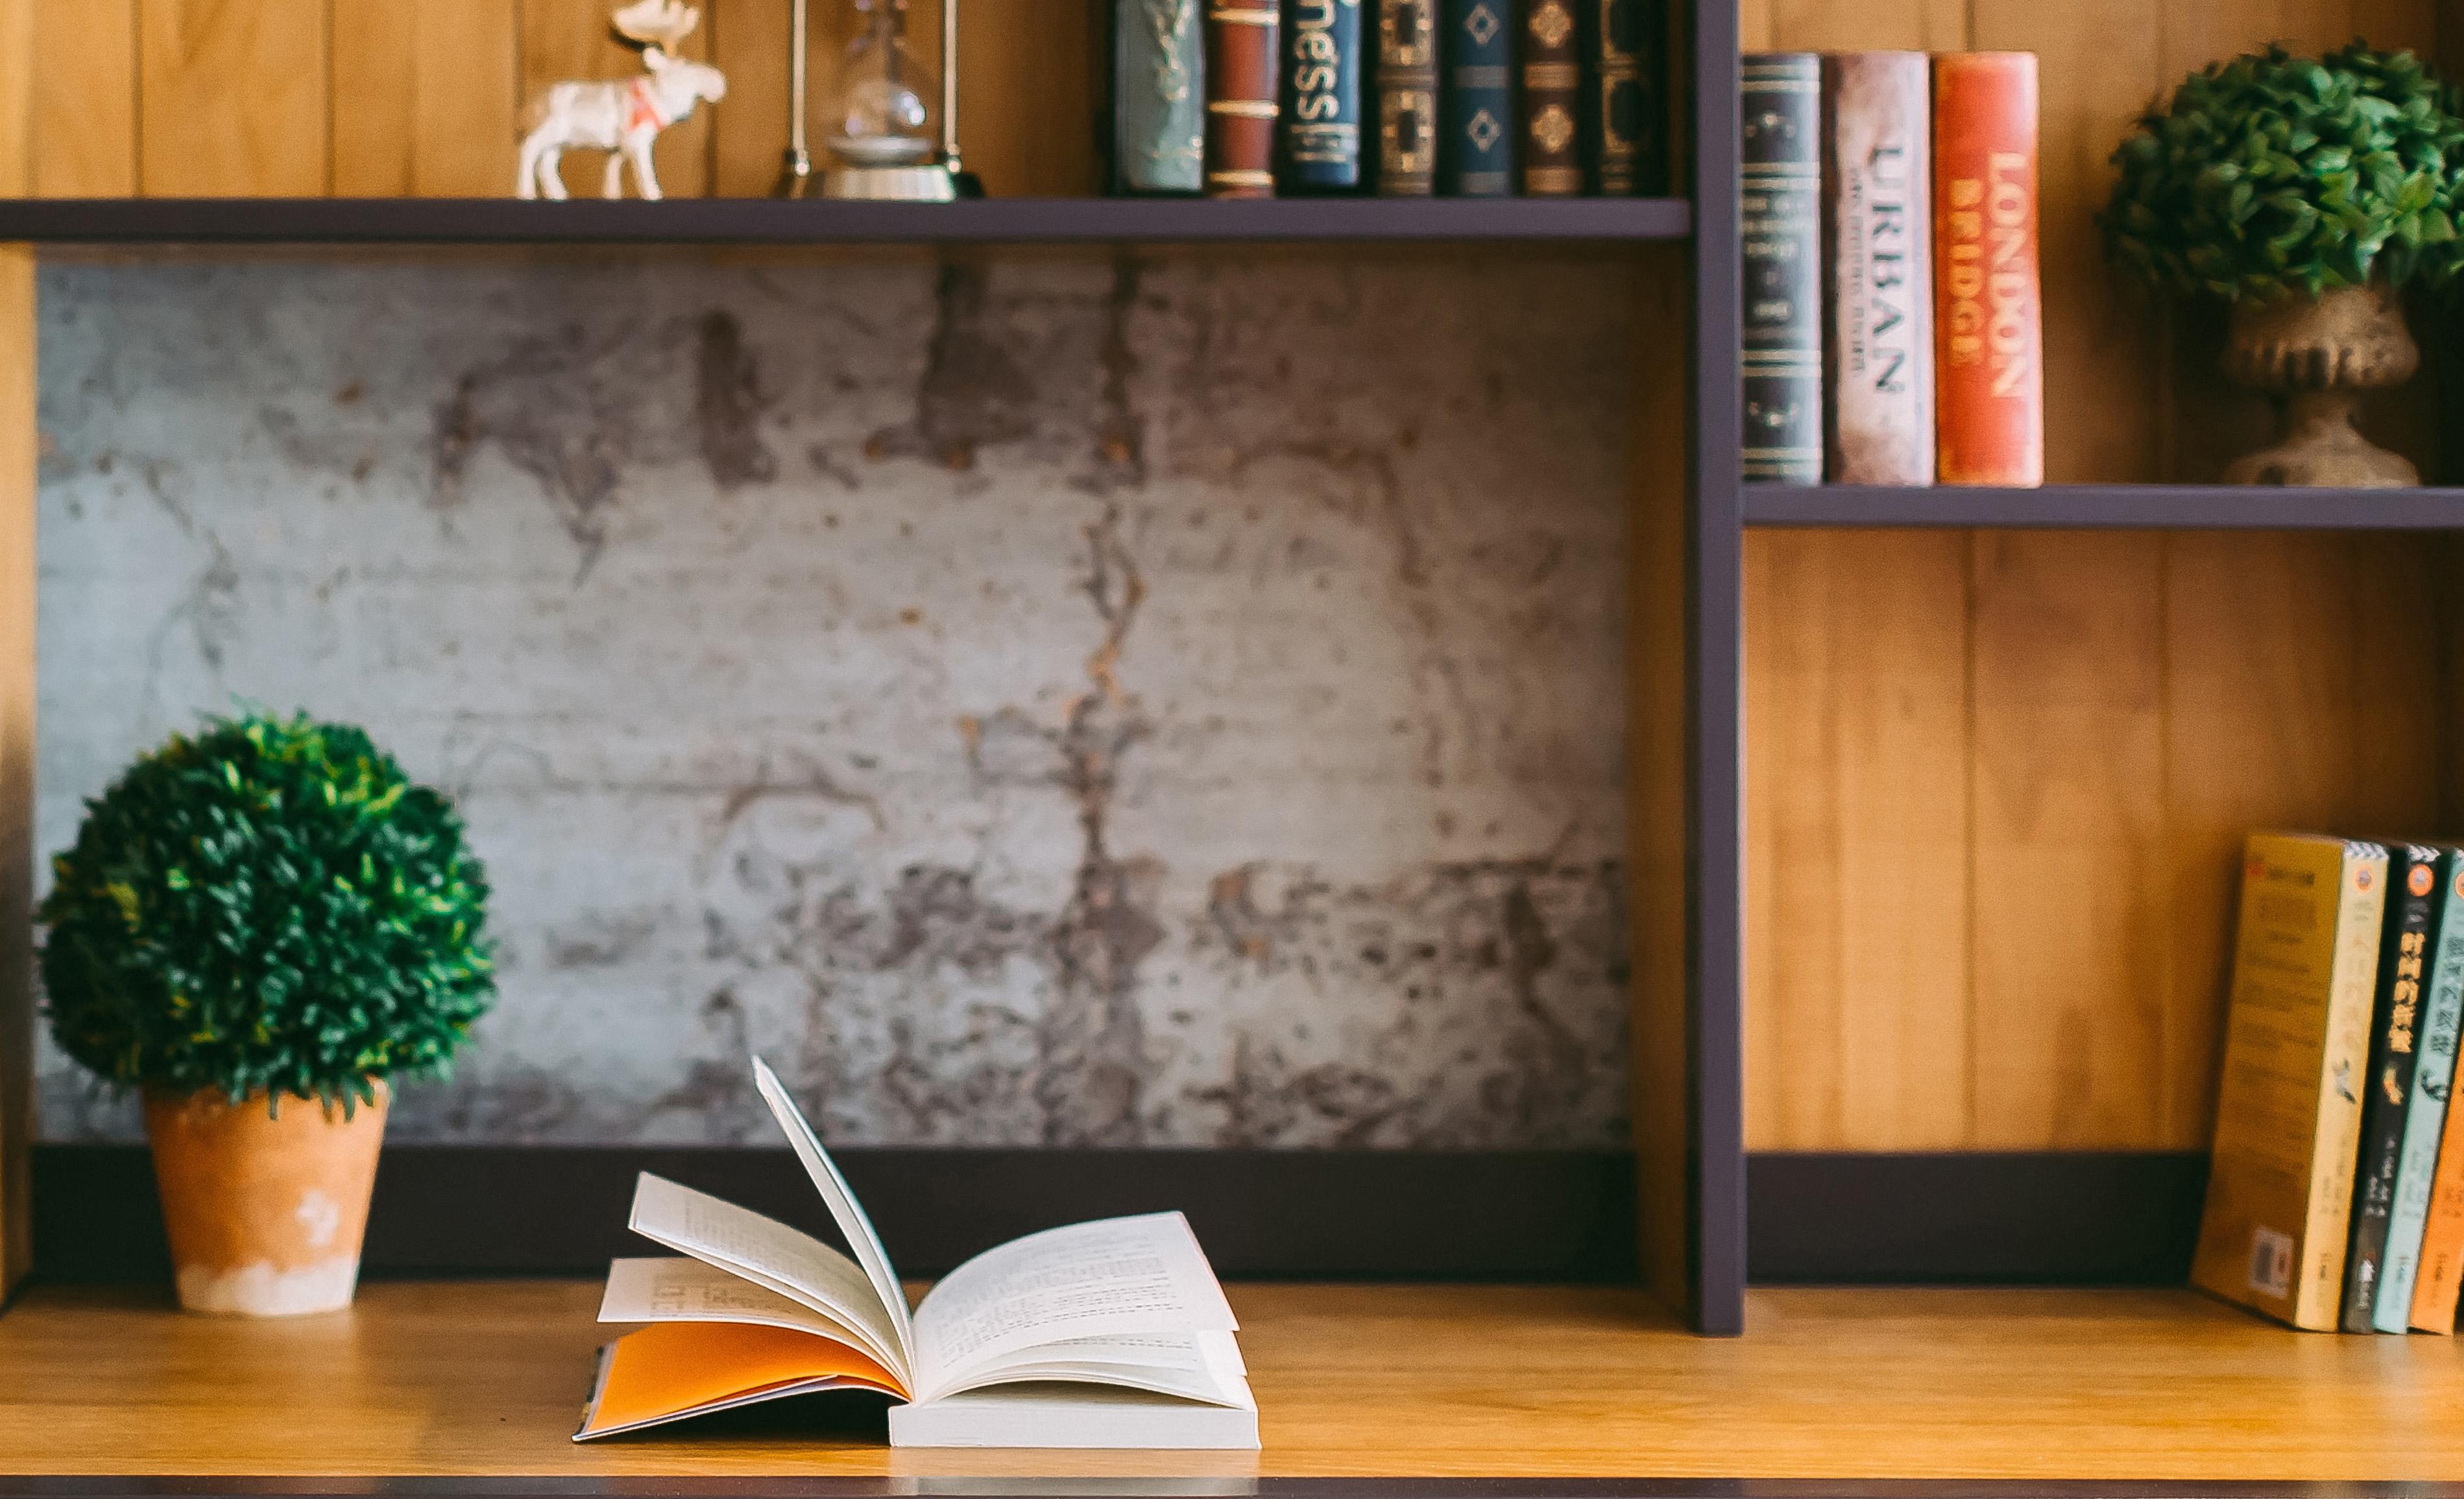 Schreibtisch mit Buch